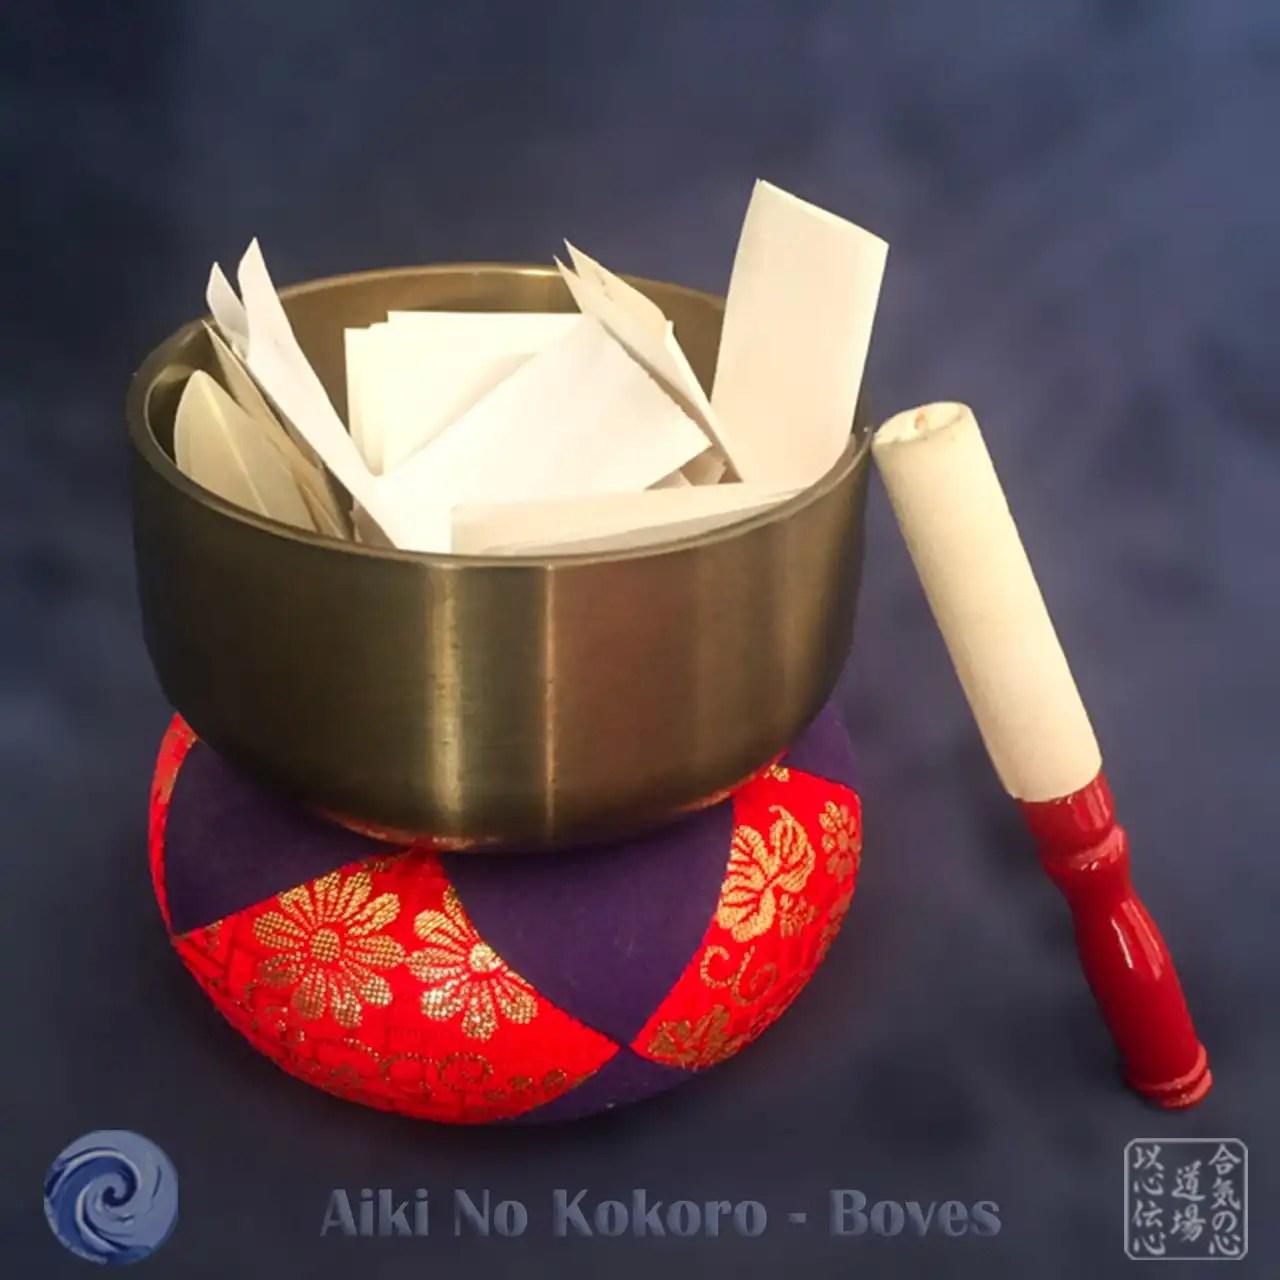 Kimochi No Keiko, Pratica dell'intenzione, Aiki No Kokoro Boves, Scuola di Aikido Cuneo